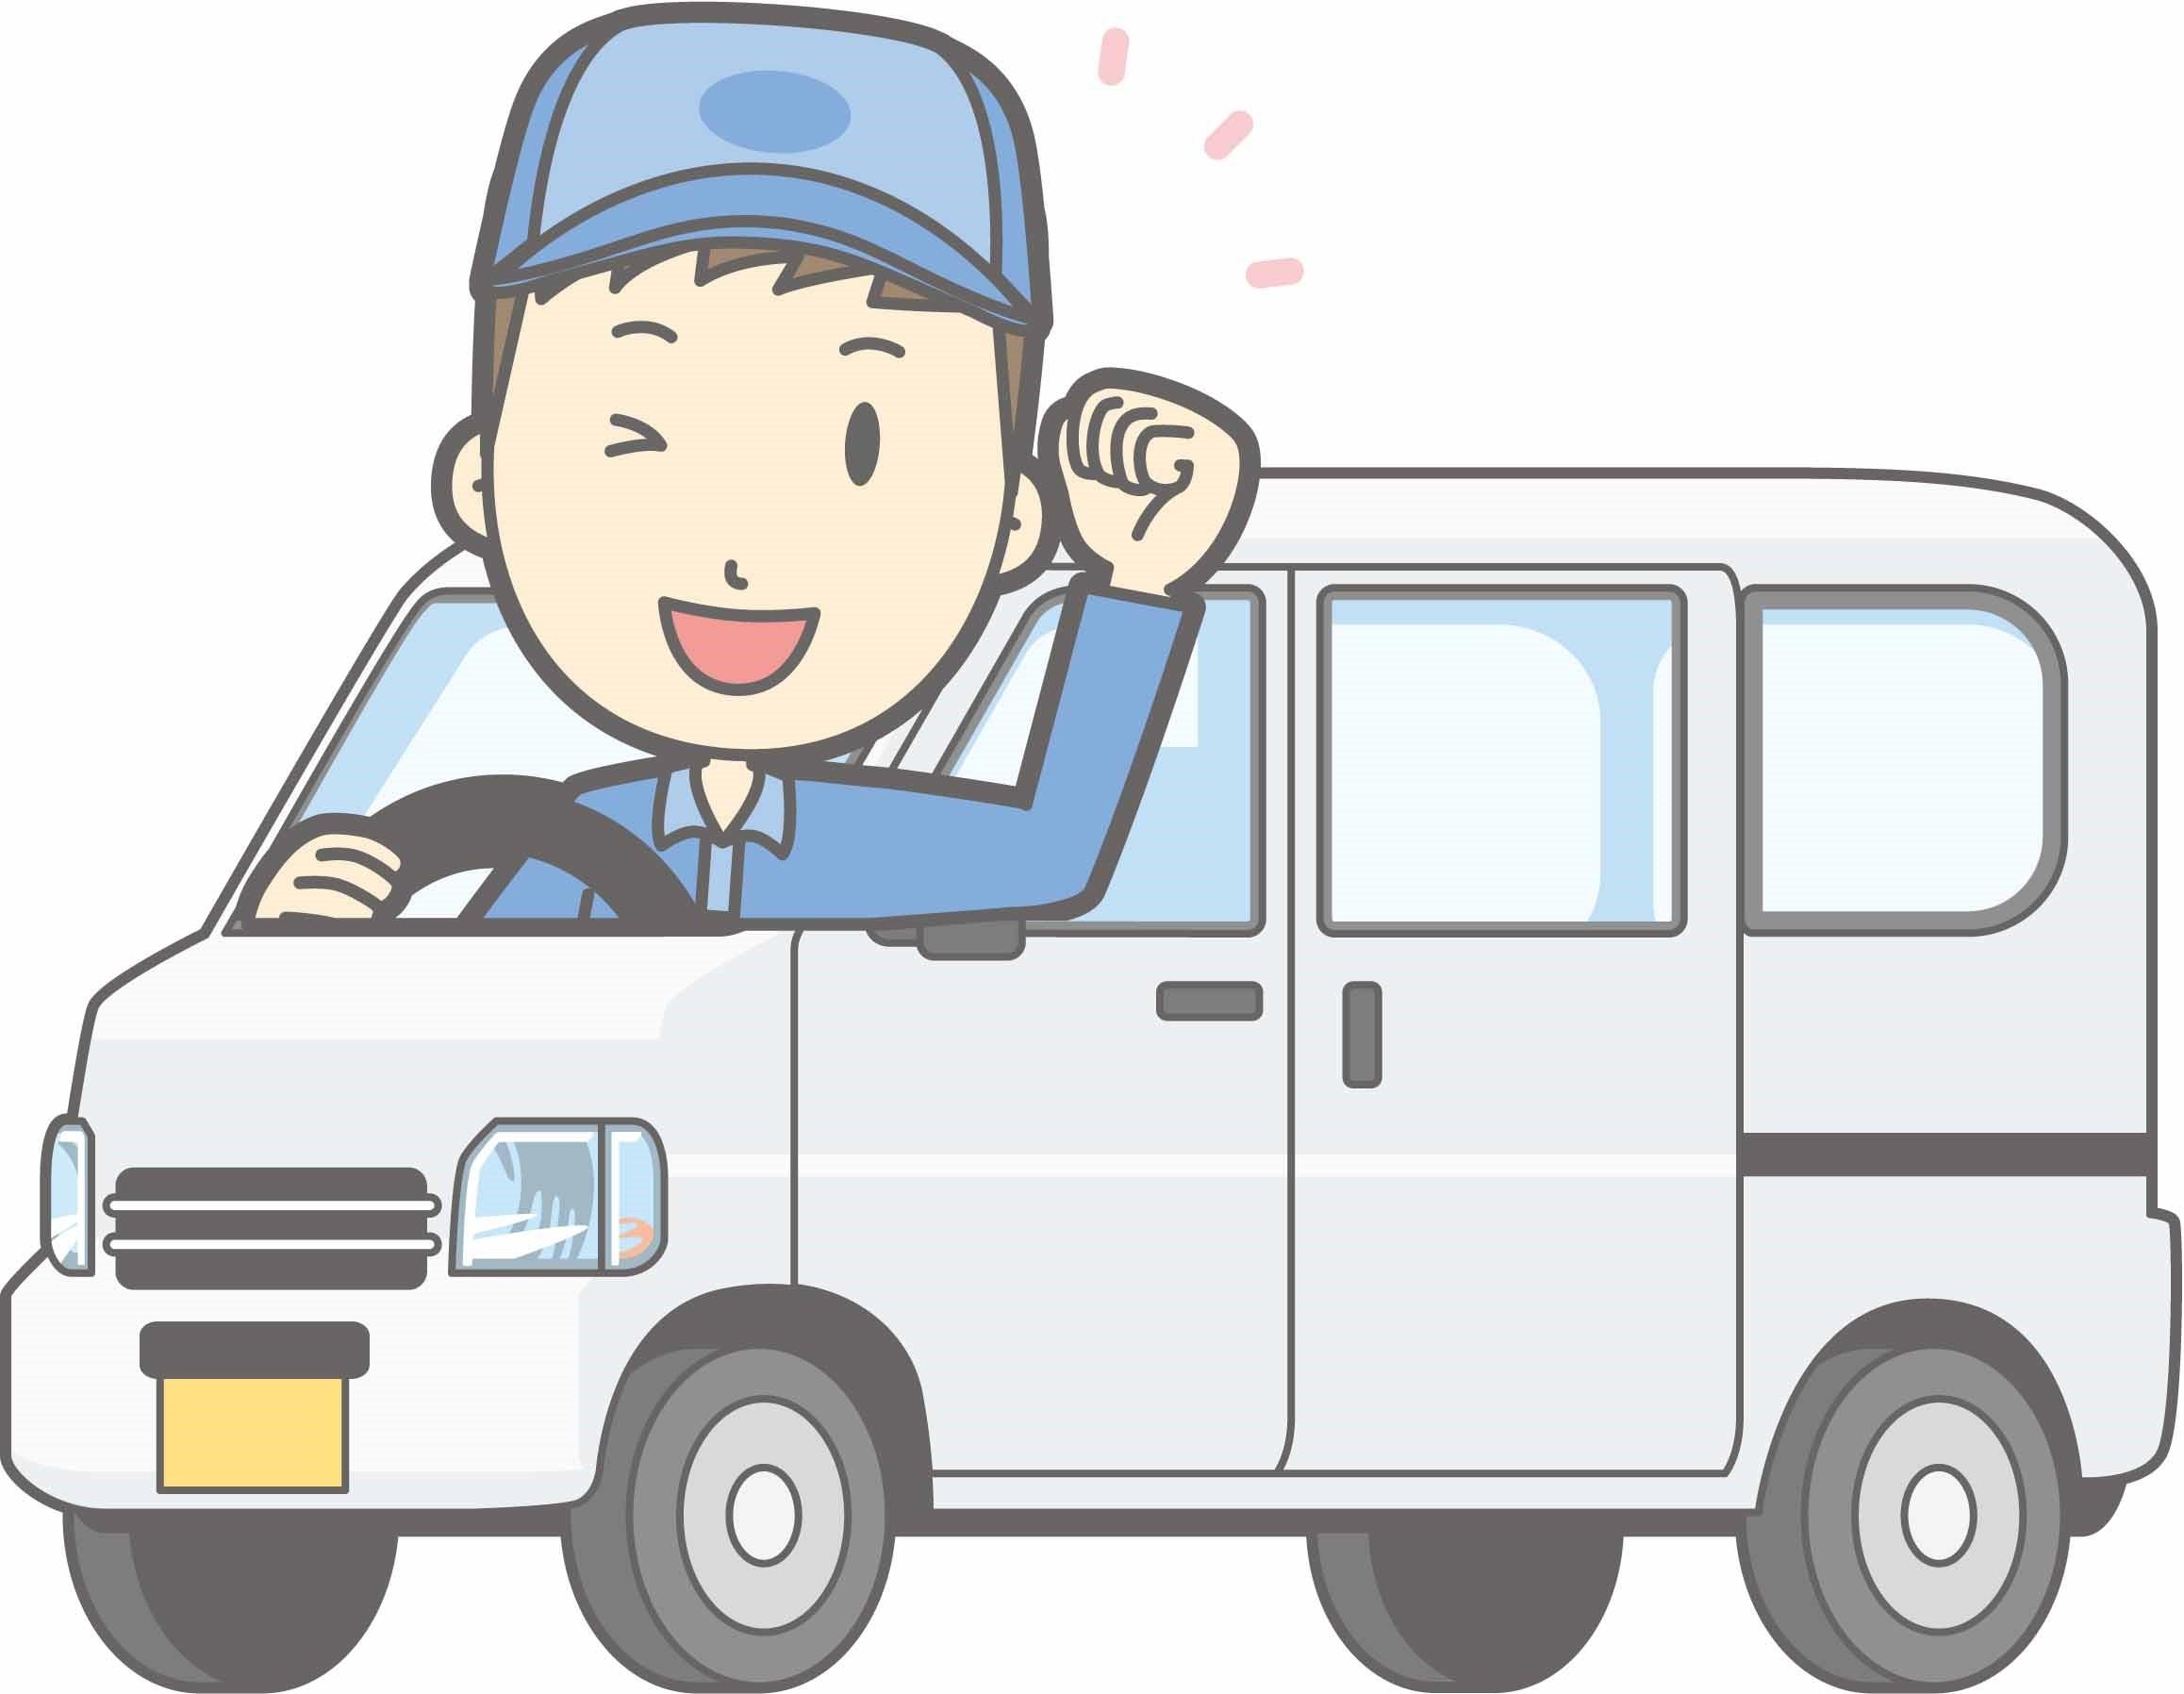 スマートライン株式会社 横浜市磯子区エリア 配達スタッフ(車両)のアルバイト情報